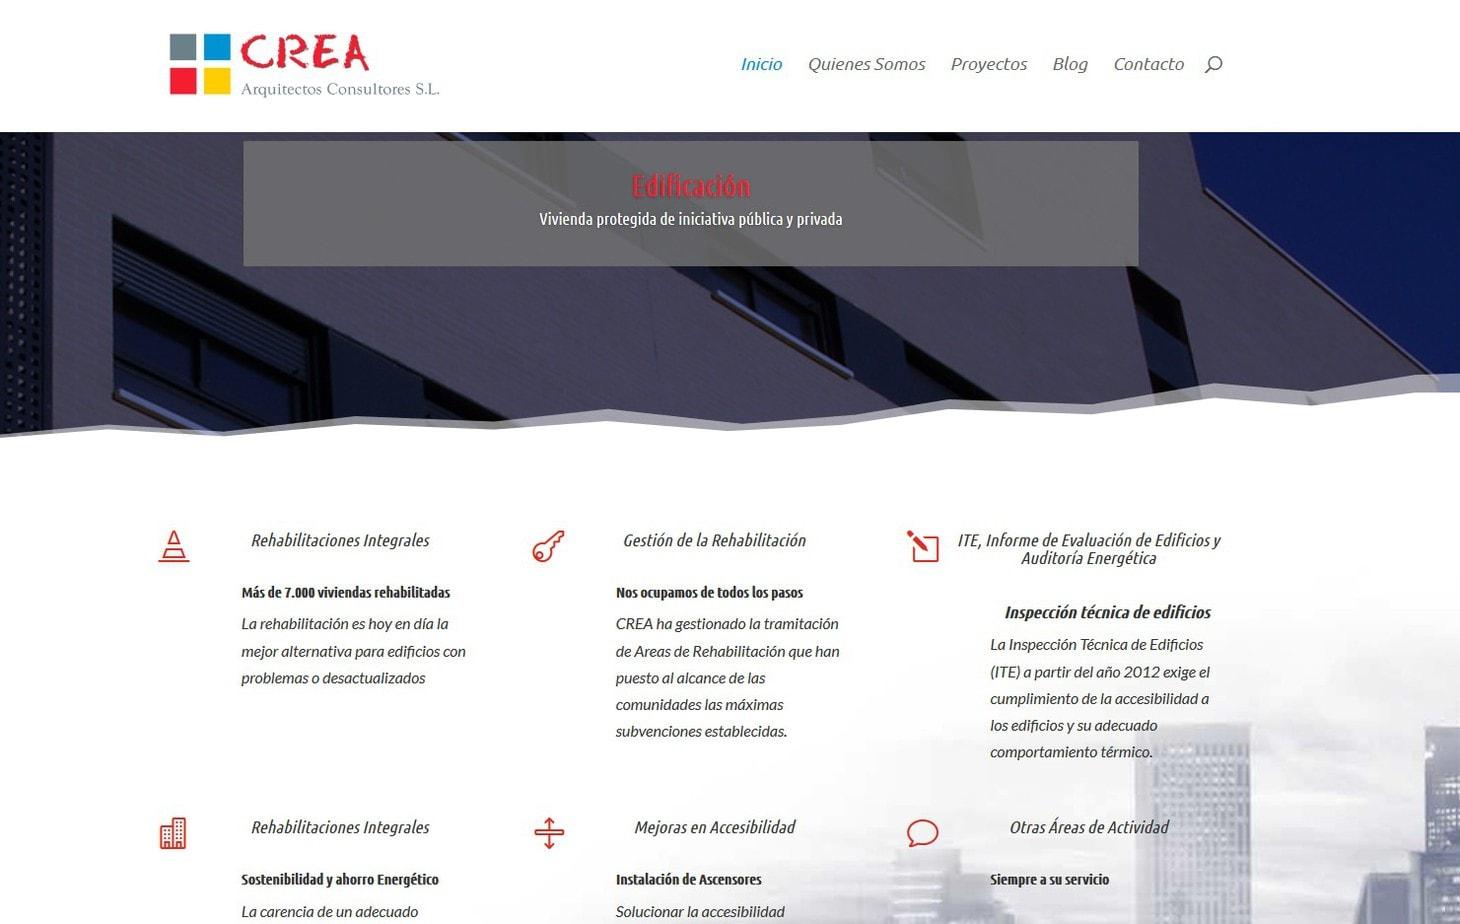 Web Creaarquitectos Madrid